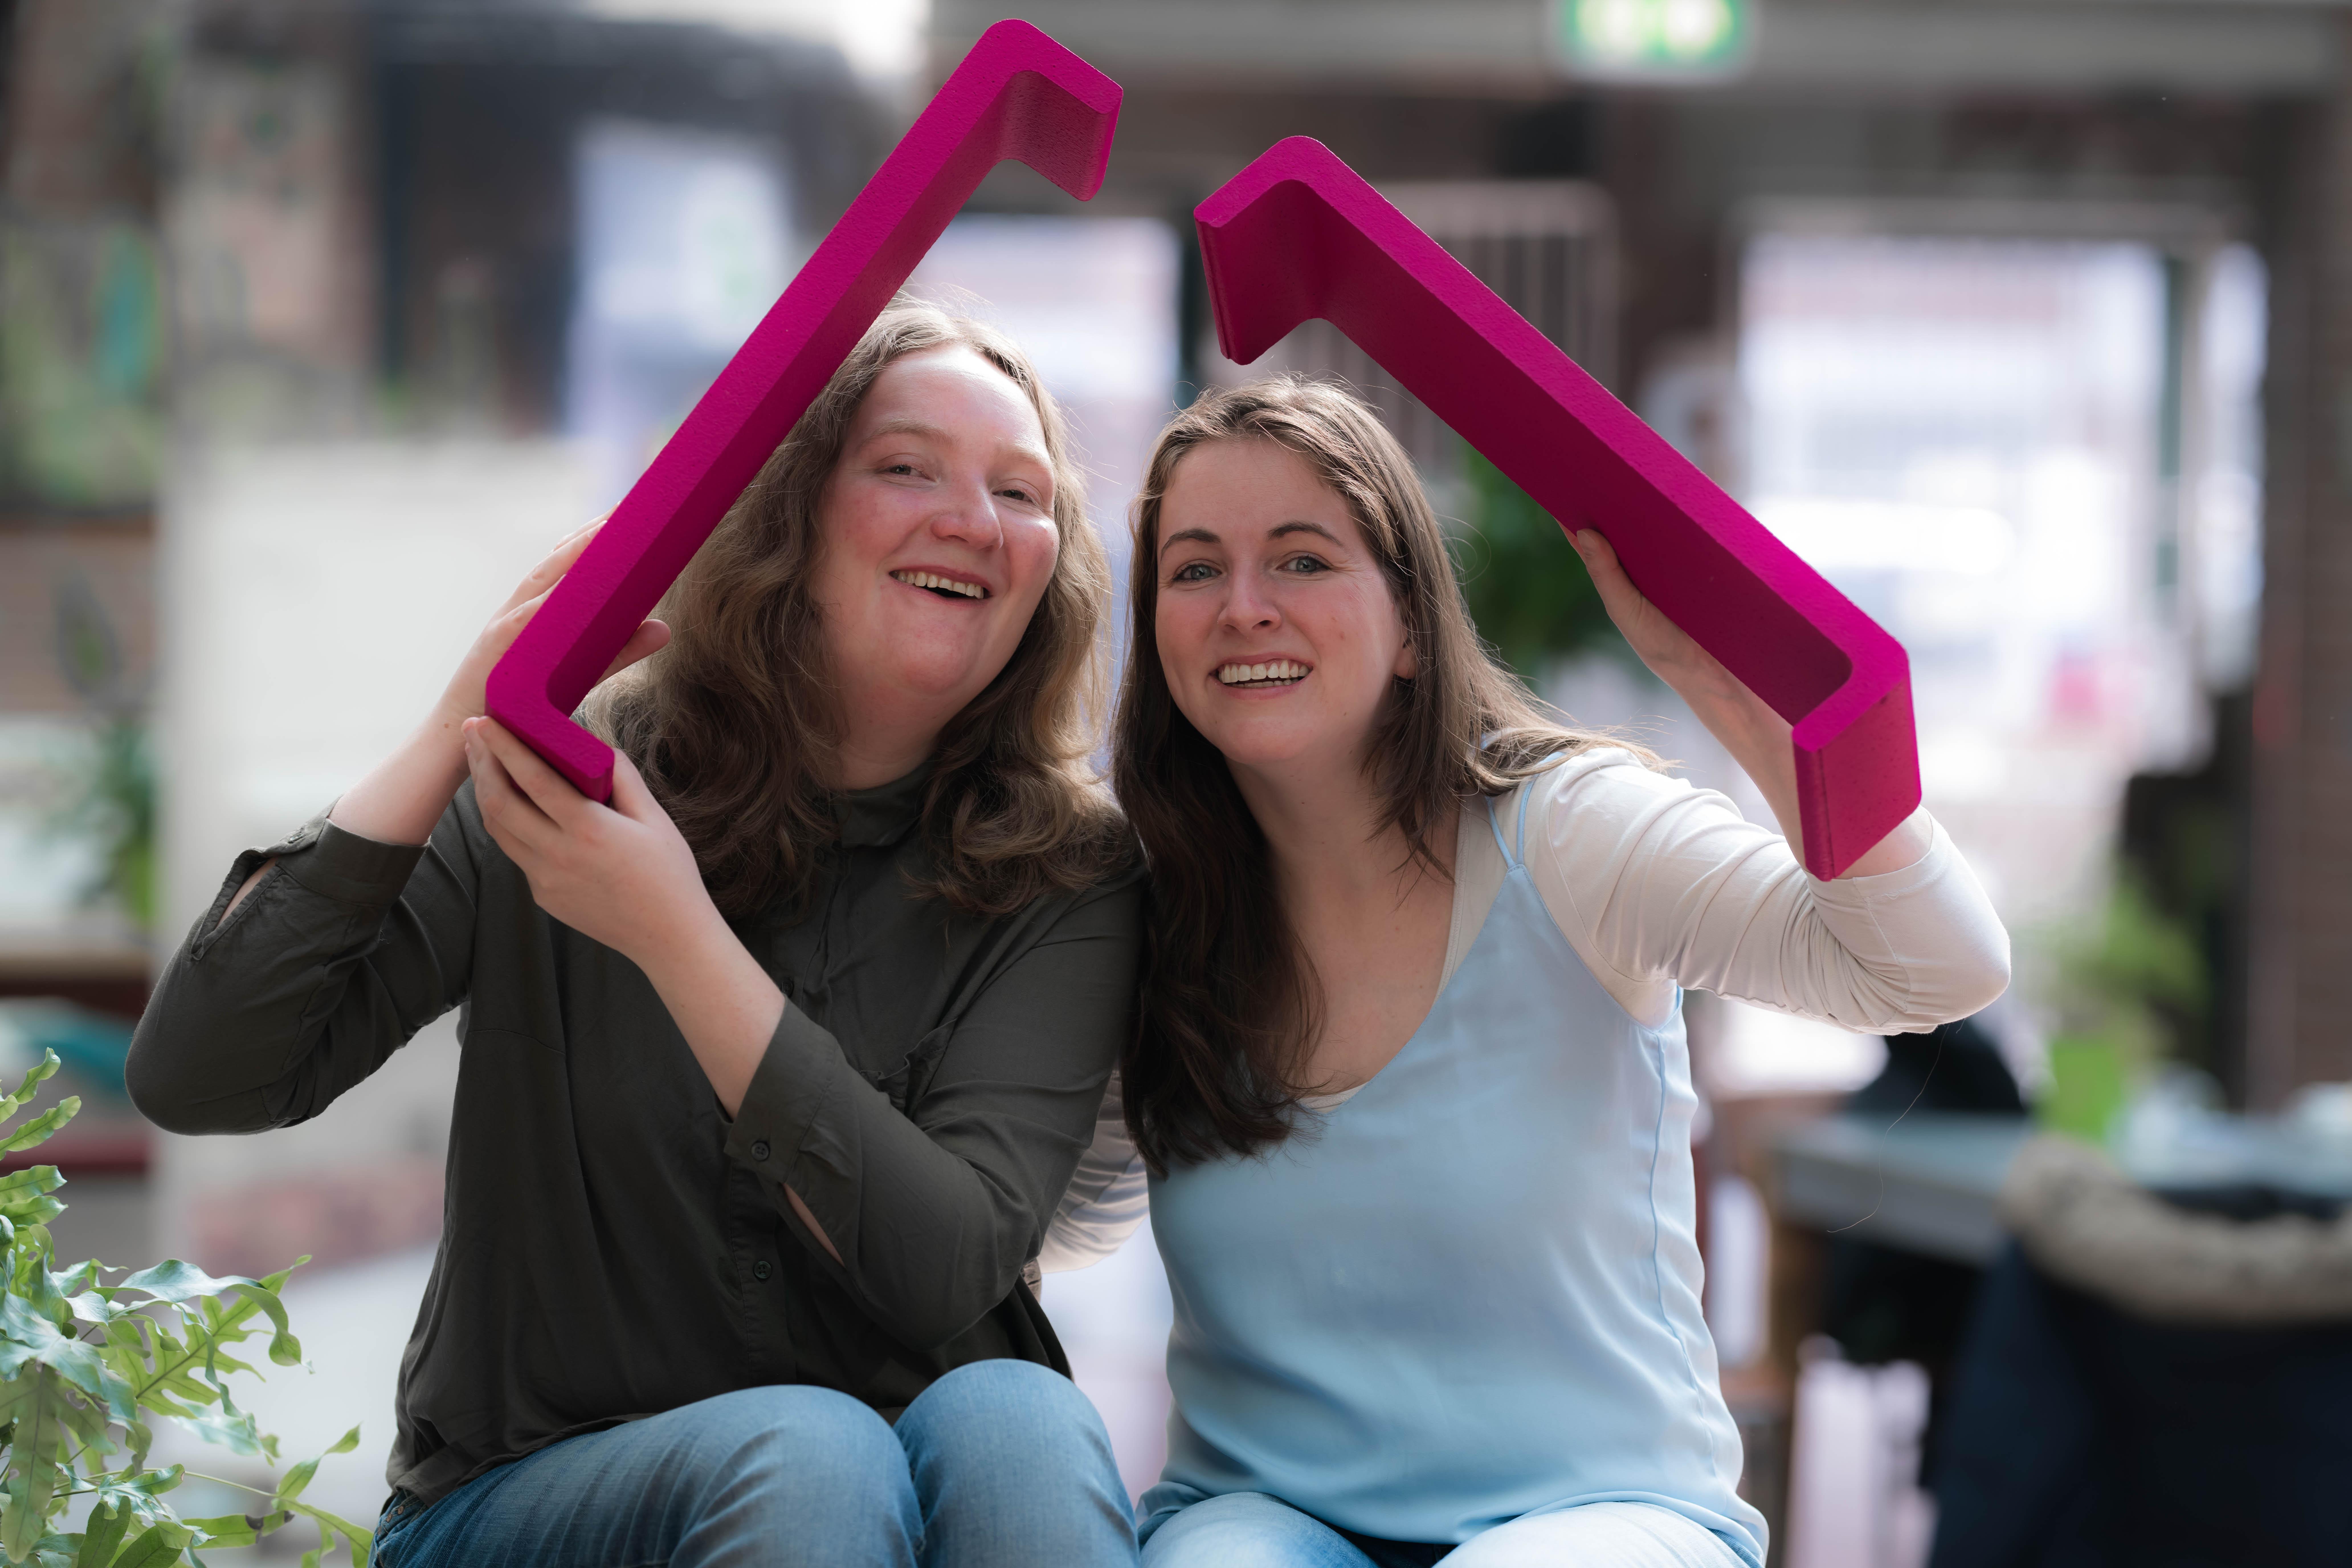 De Spierdijkse vriendinnen Remy (l) en Lisa spelen een rol in de promotiecampagne van HandicapNL. (aangeleverde foto)